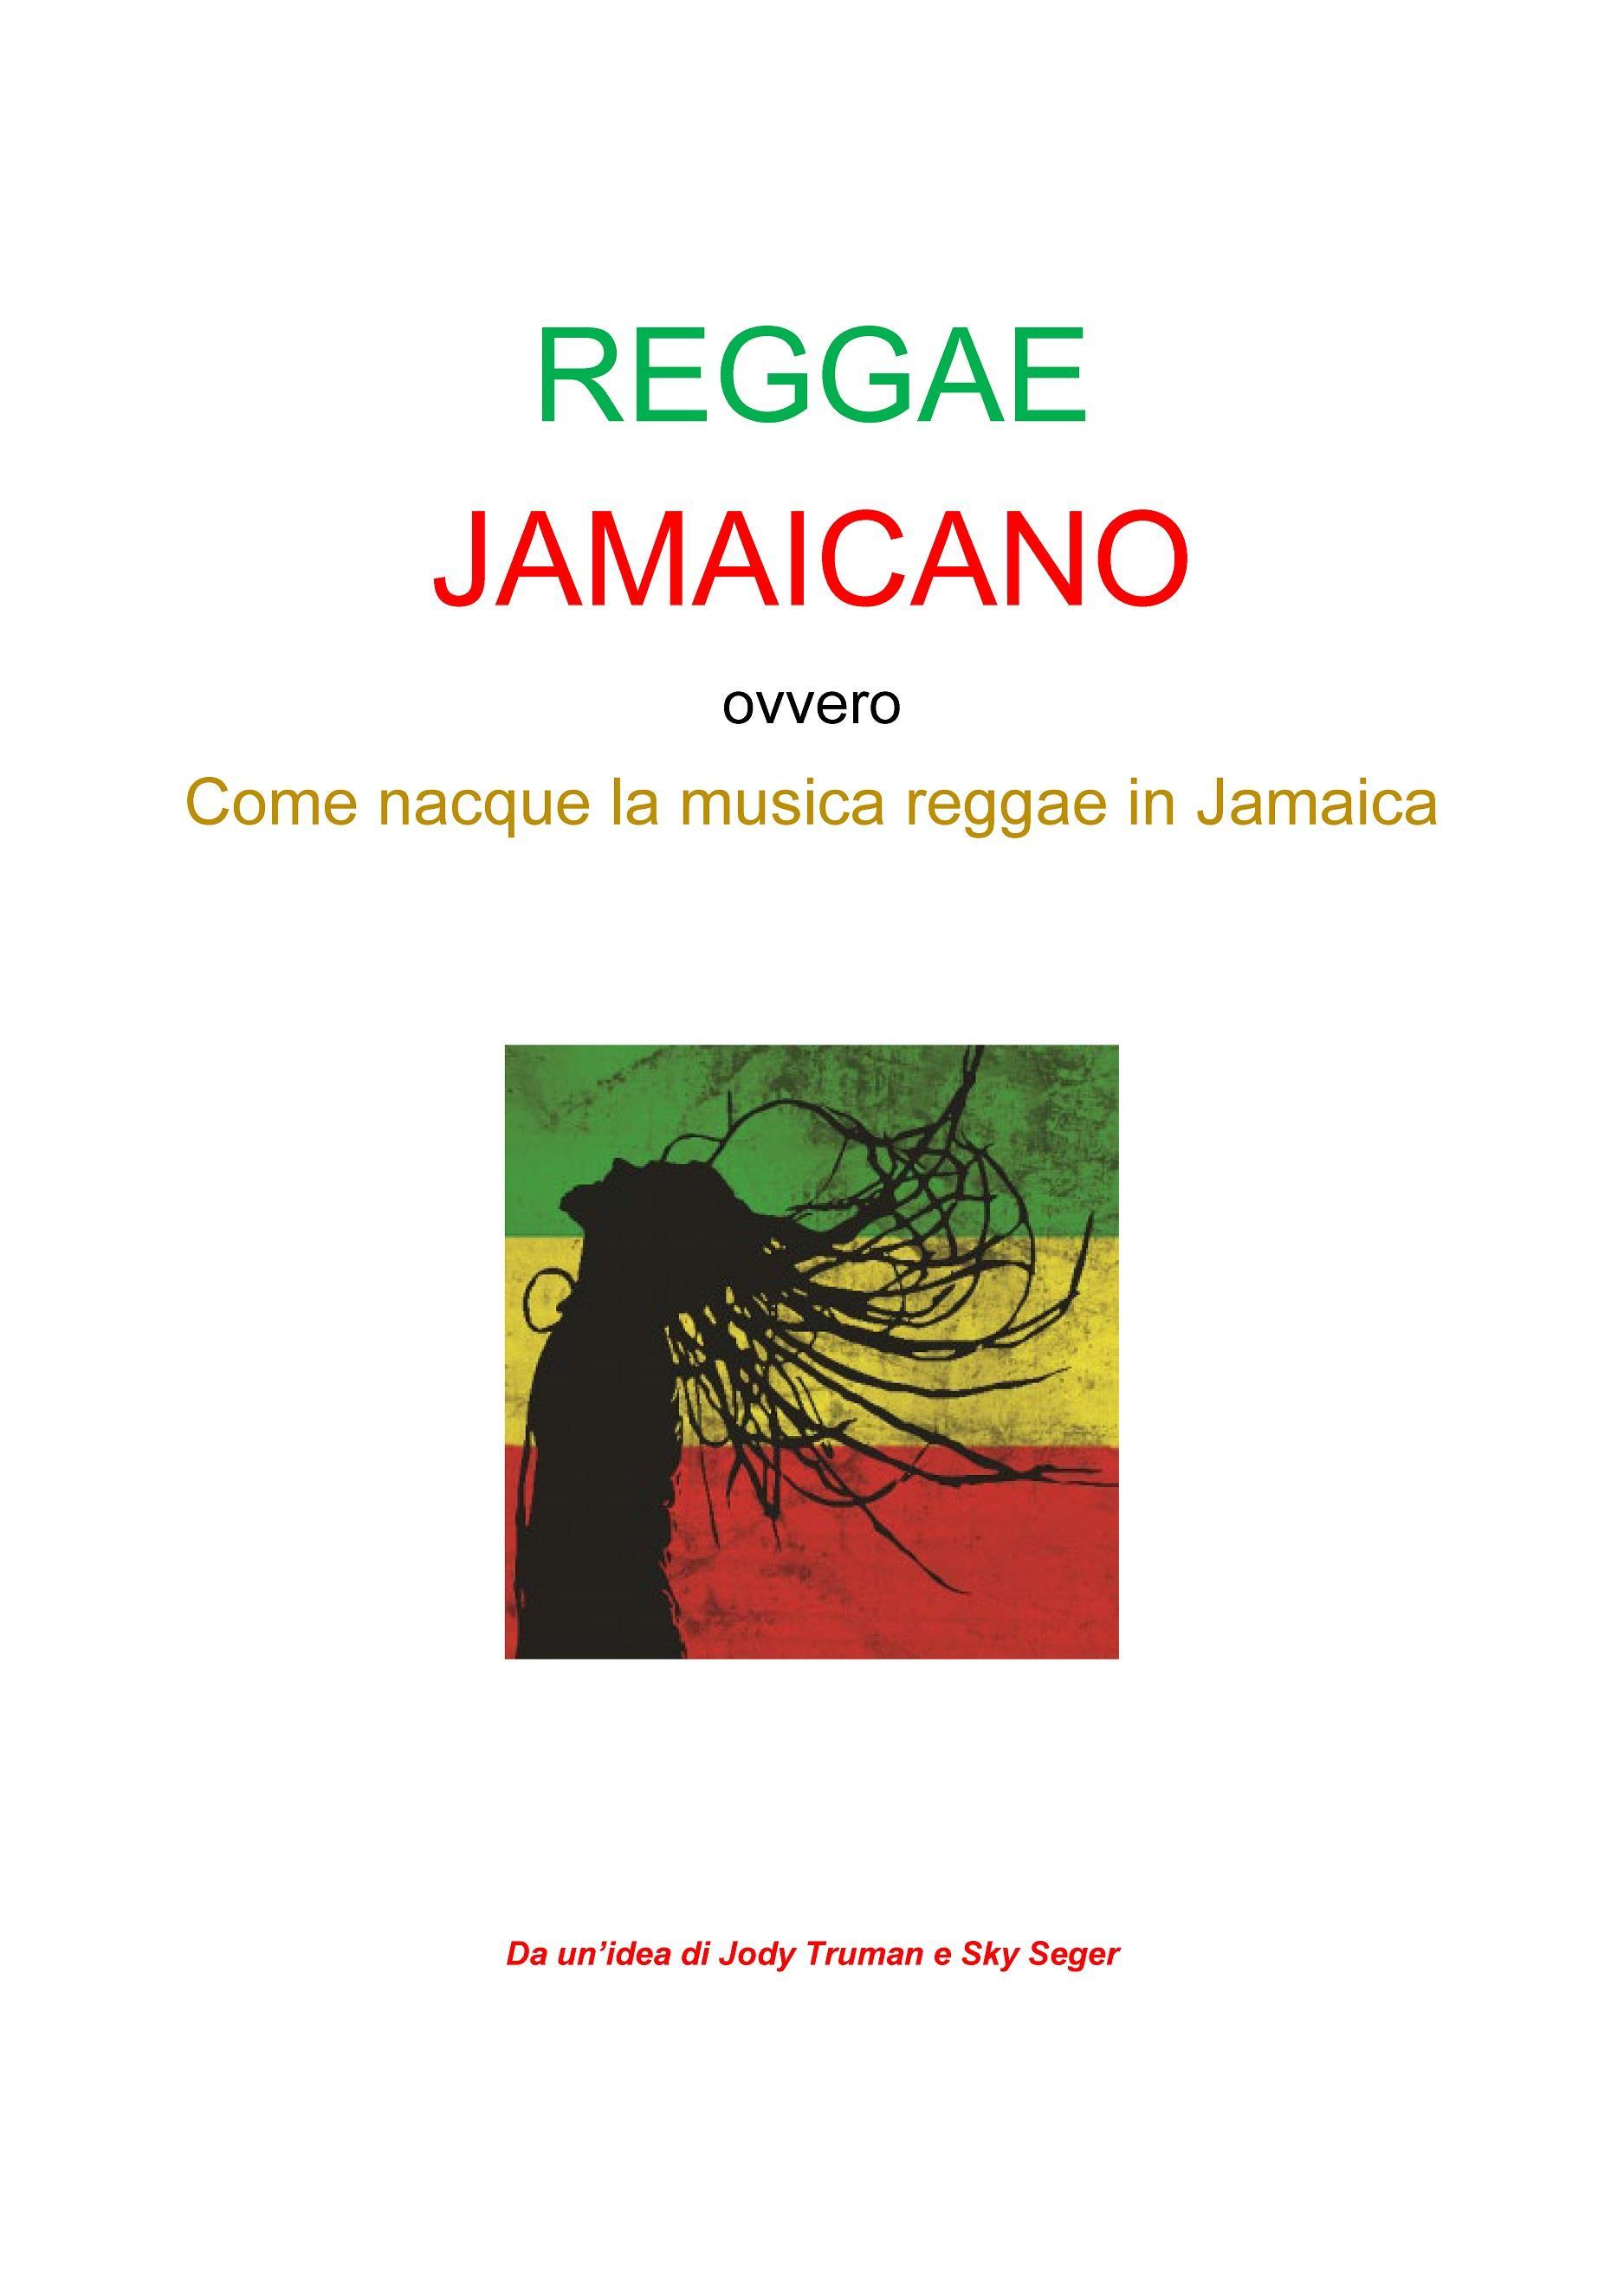 Reggae Jamaicano ovvero come nacque la musica reggae in Jamaica